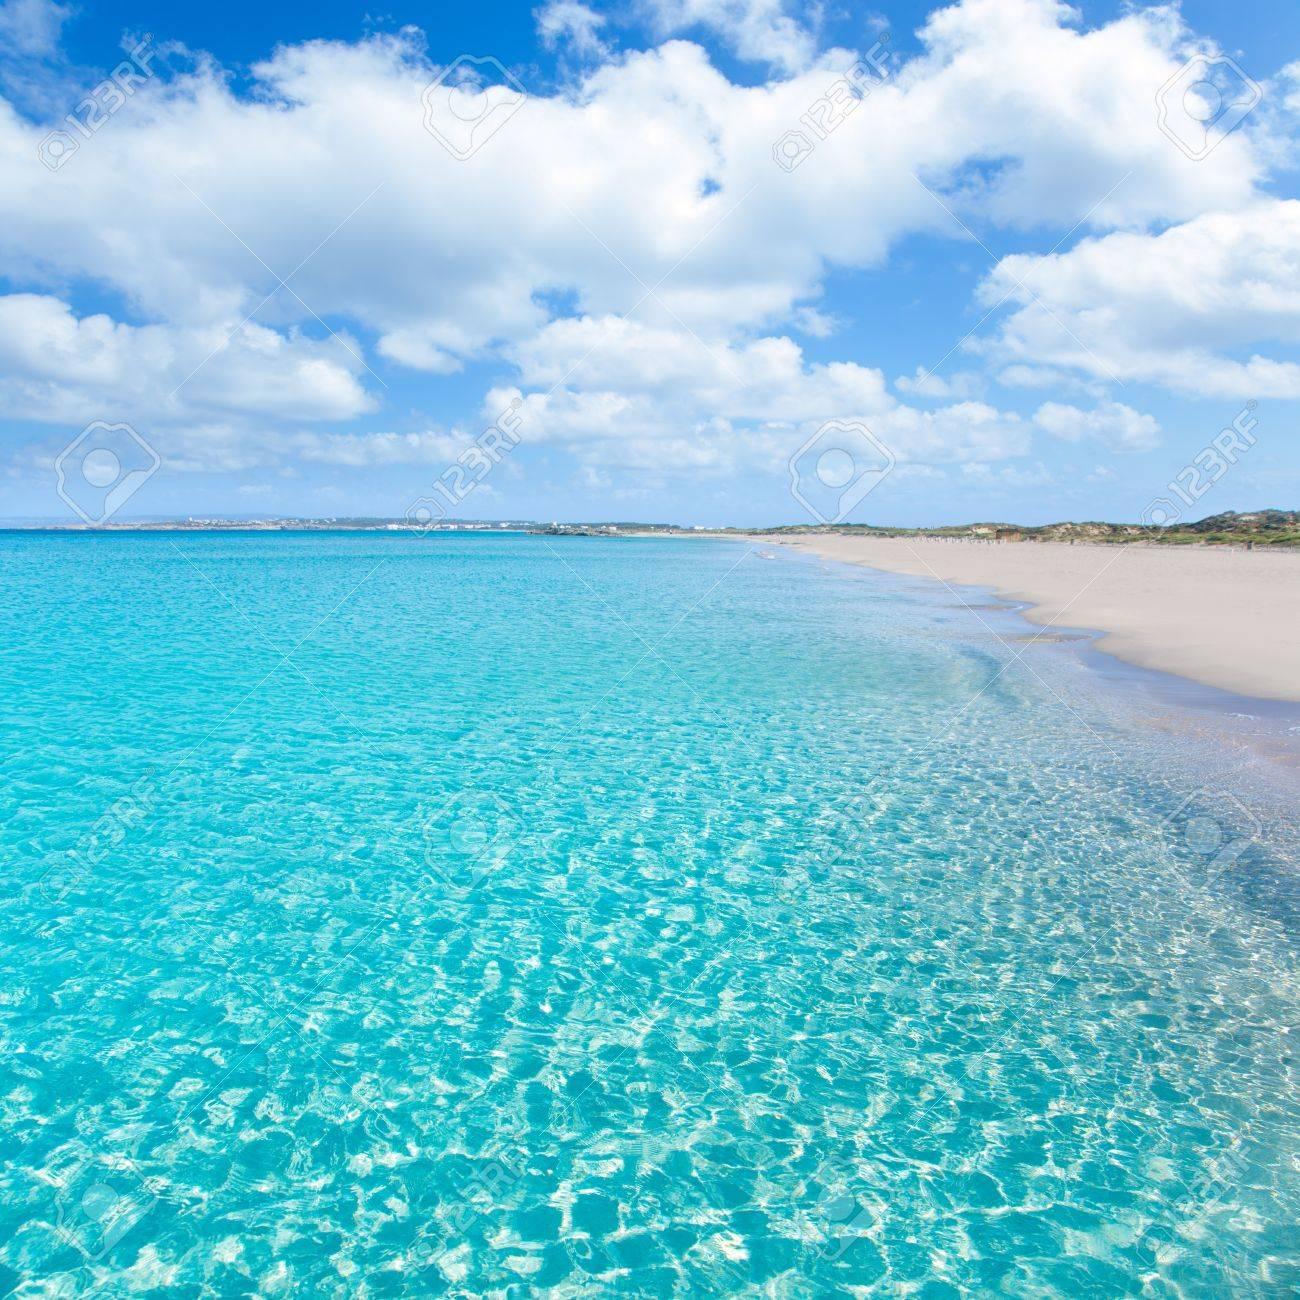 完璧な青緑色の水とフォルメンテ...